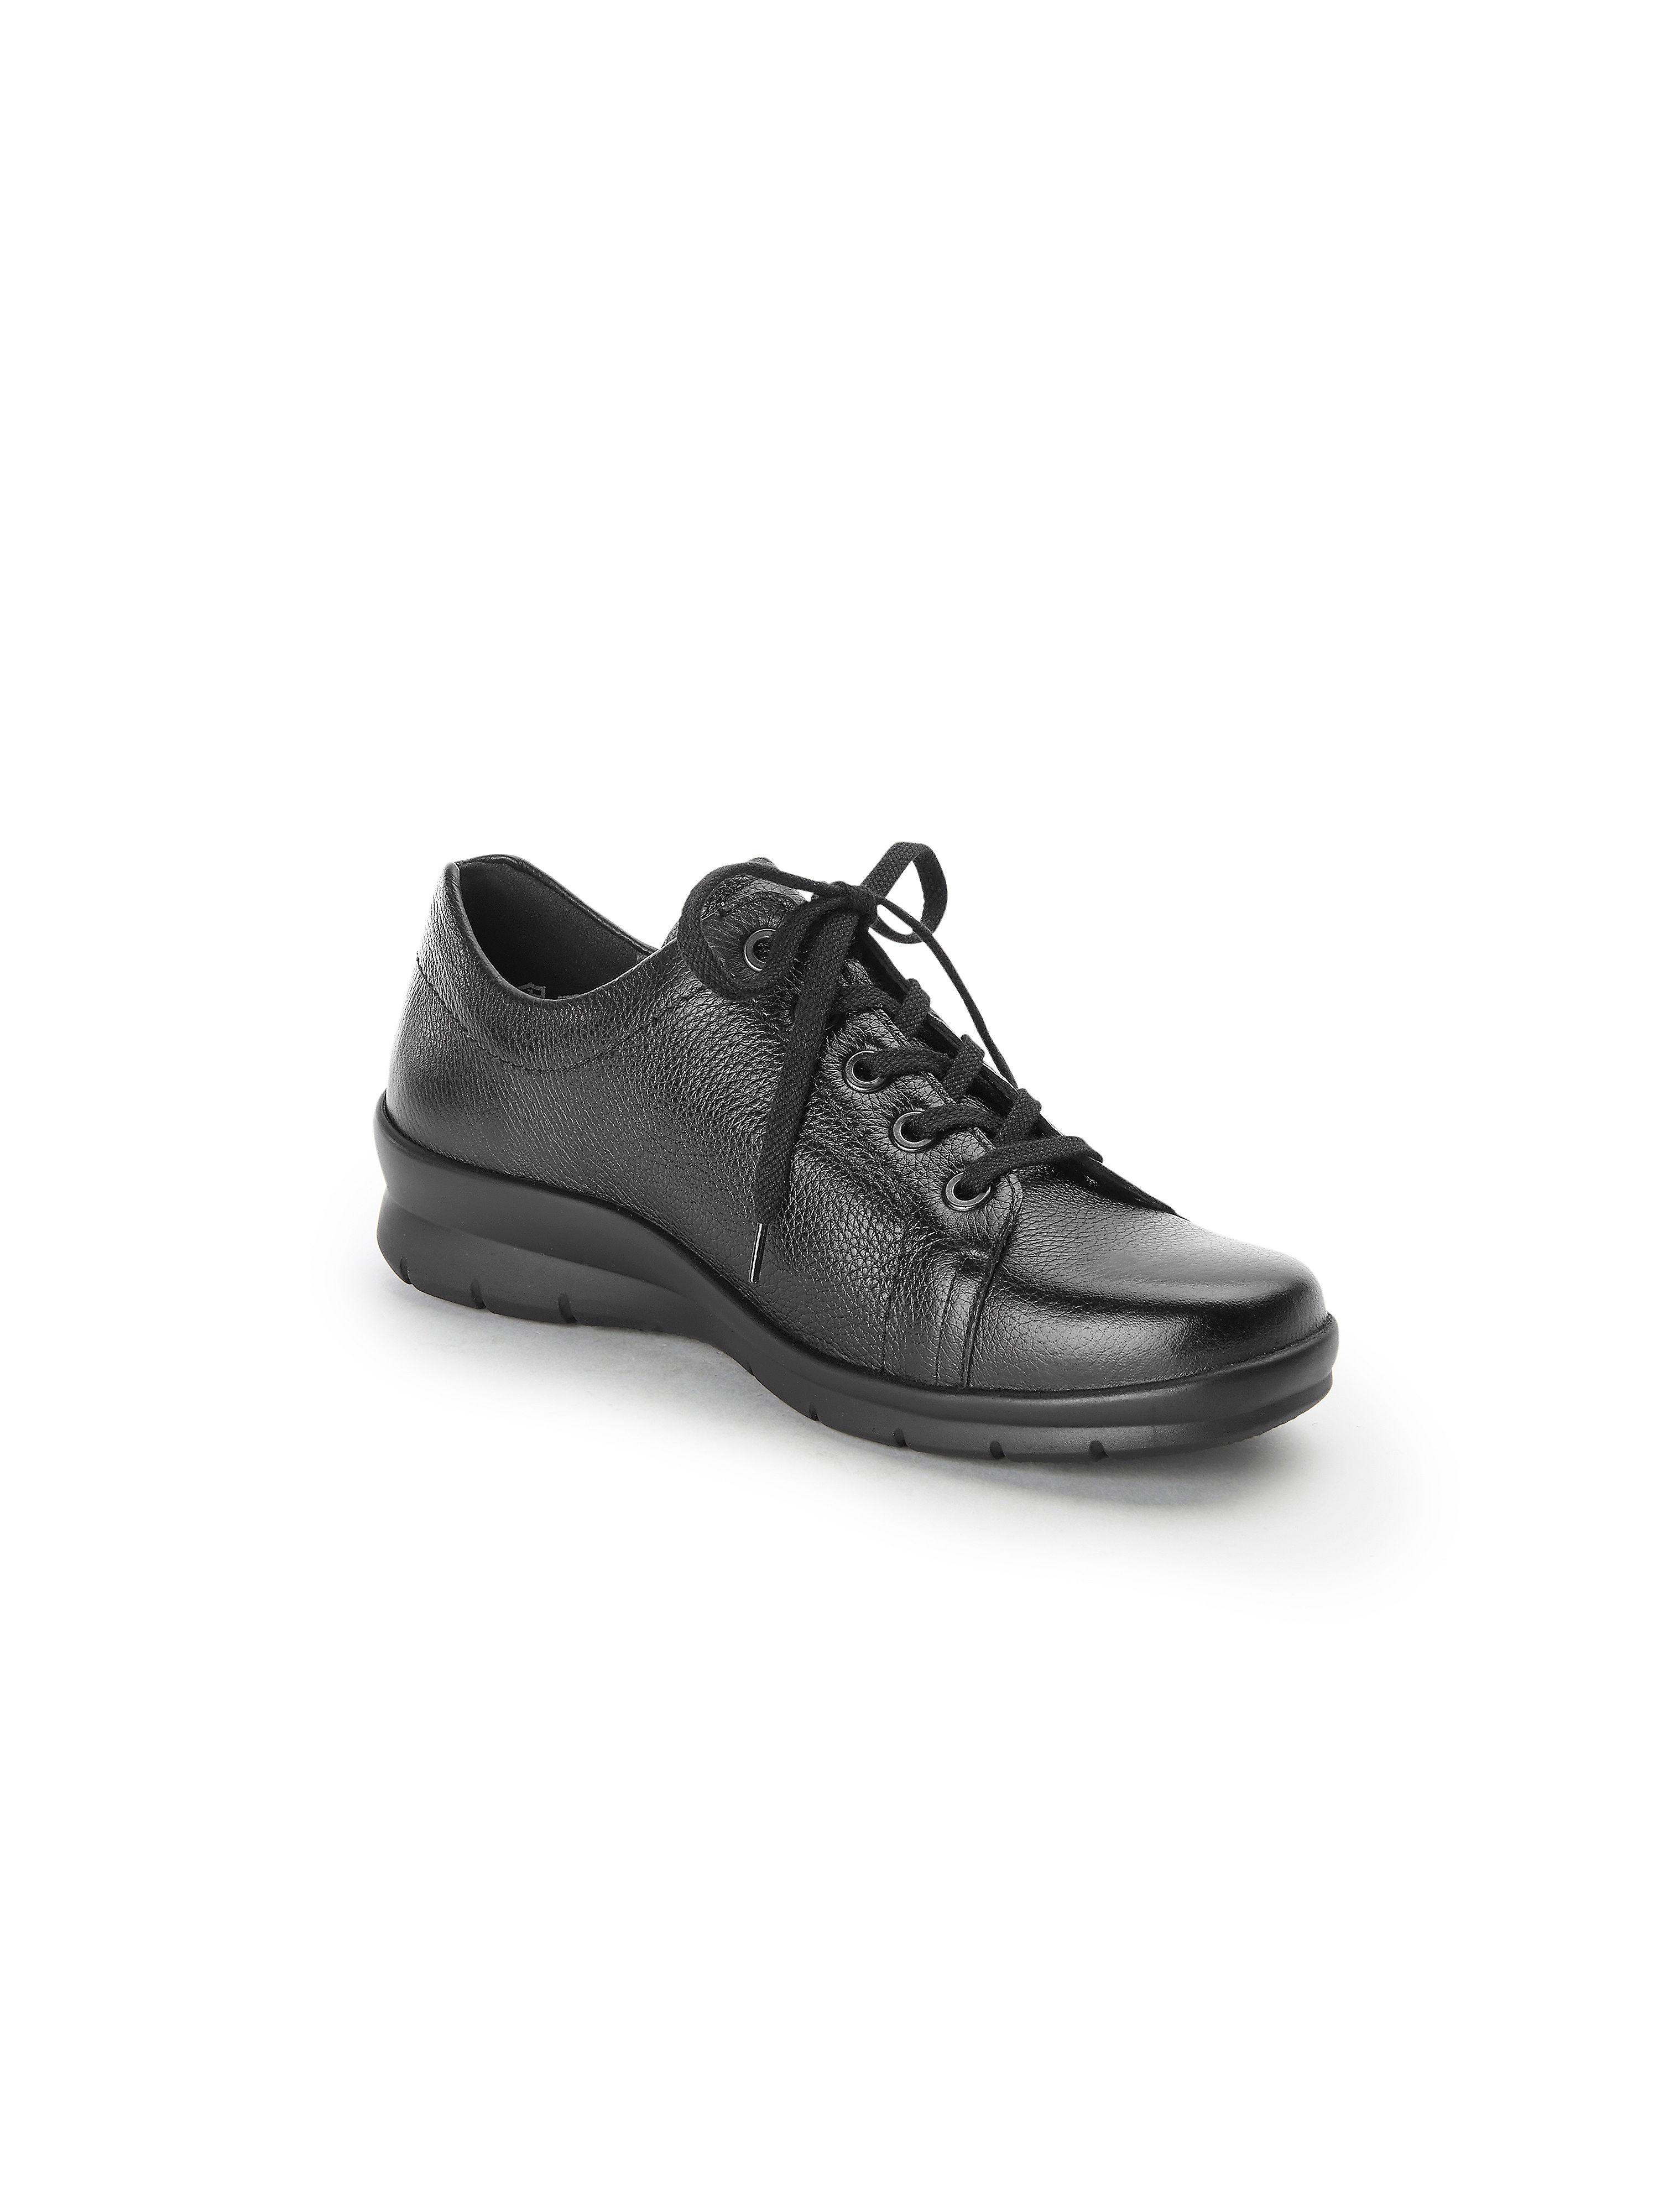 Semler Schwarz - Schnürer - Schwarz Semler Gute Qualität beliebte Schuhe 4c2de1